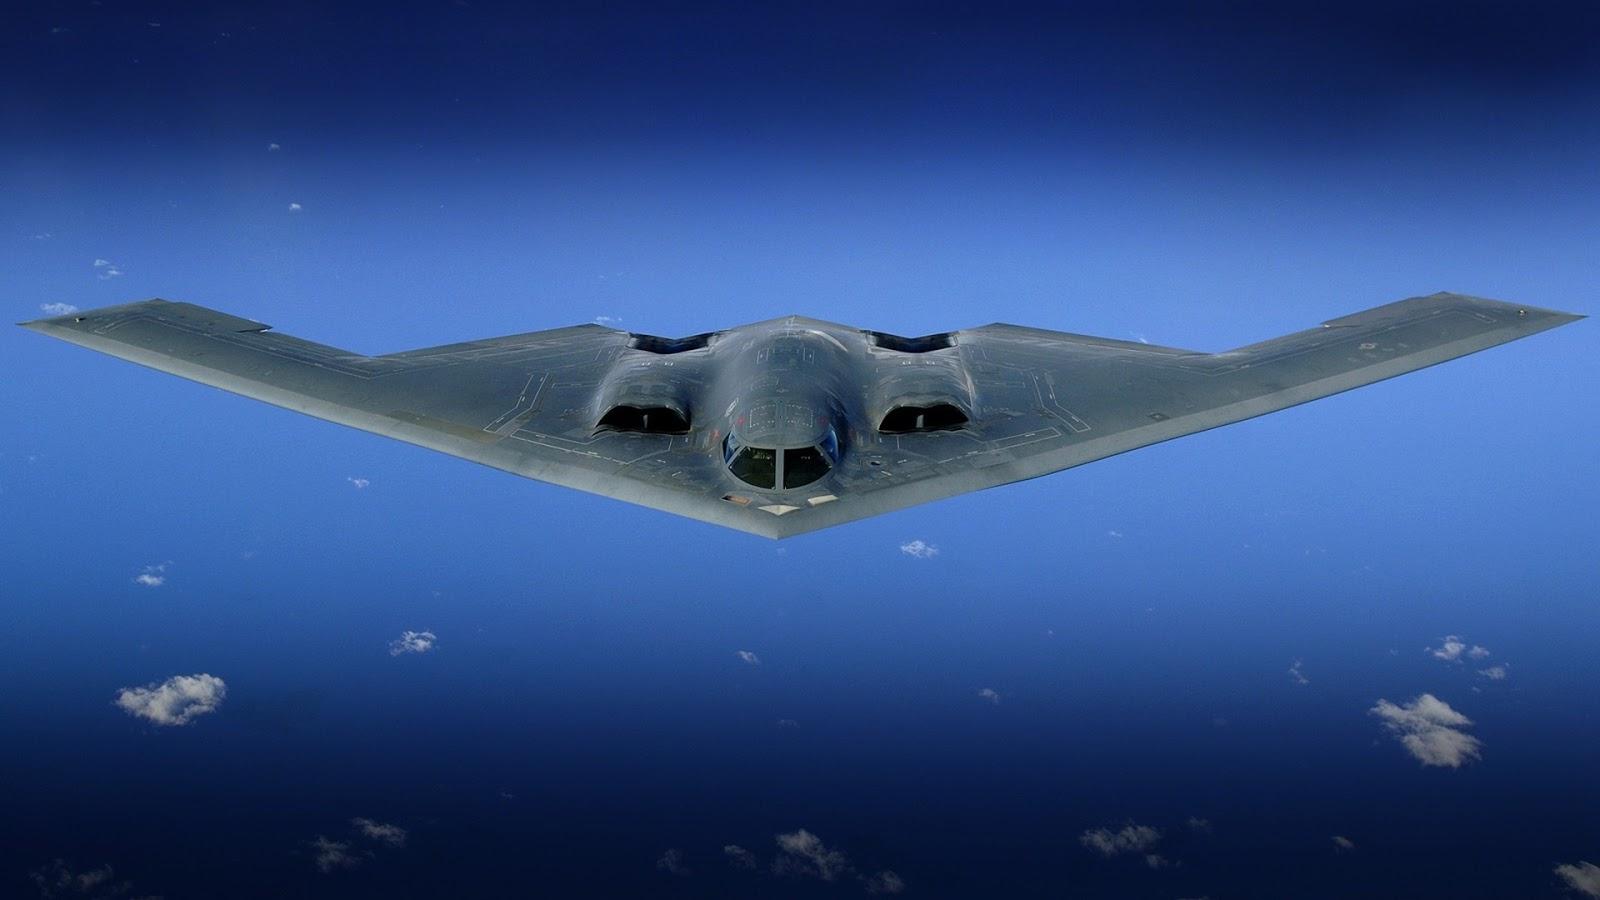 B2 Bomber in the Sky